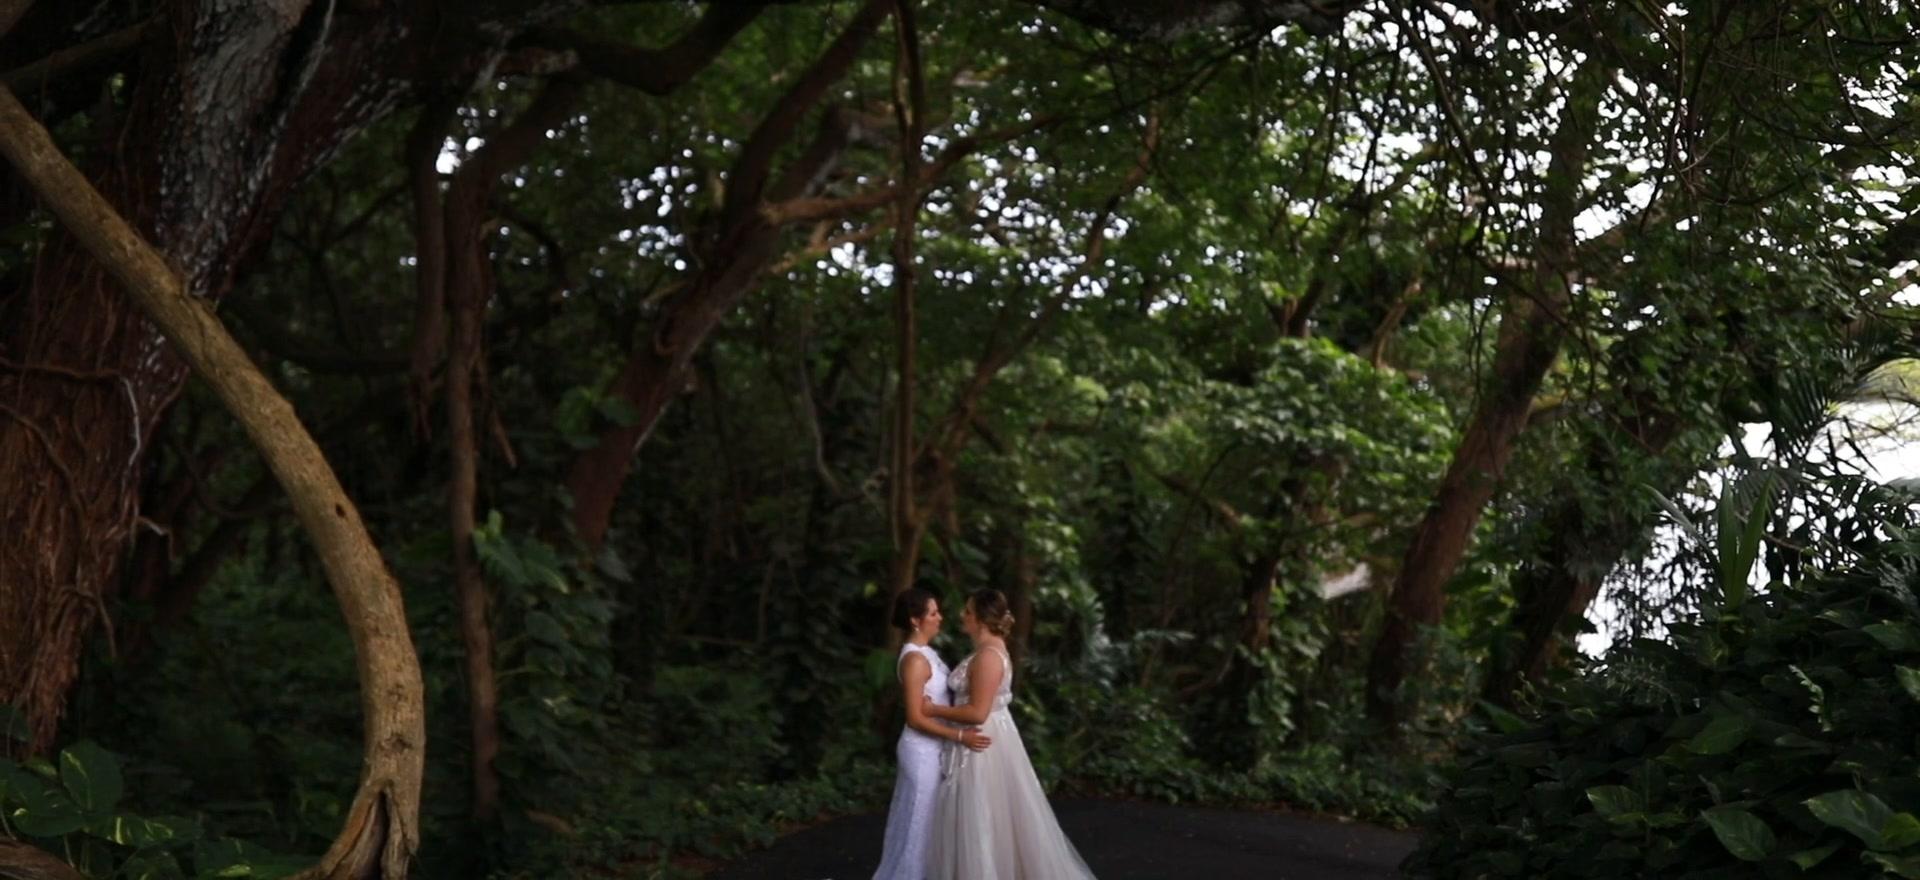 Emma + Nicole | Kaneohe, Hawaii | Moli'i Gardens